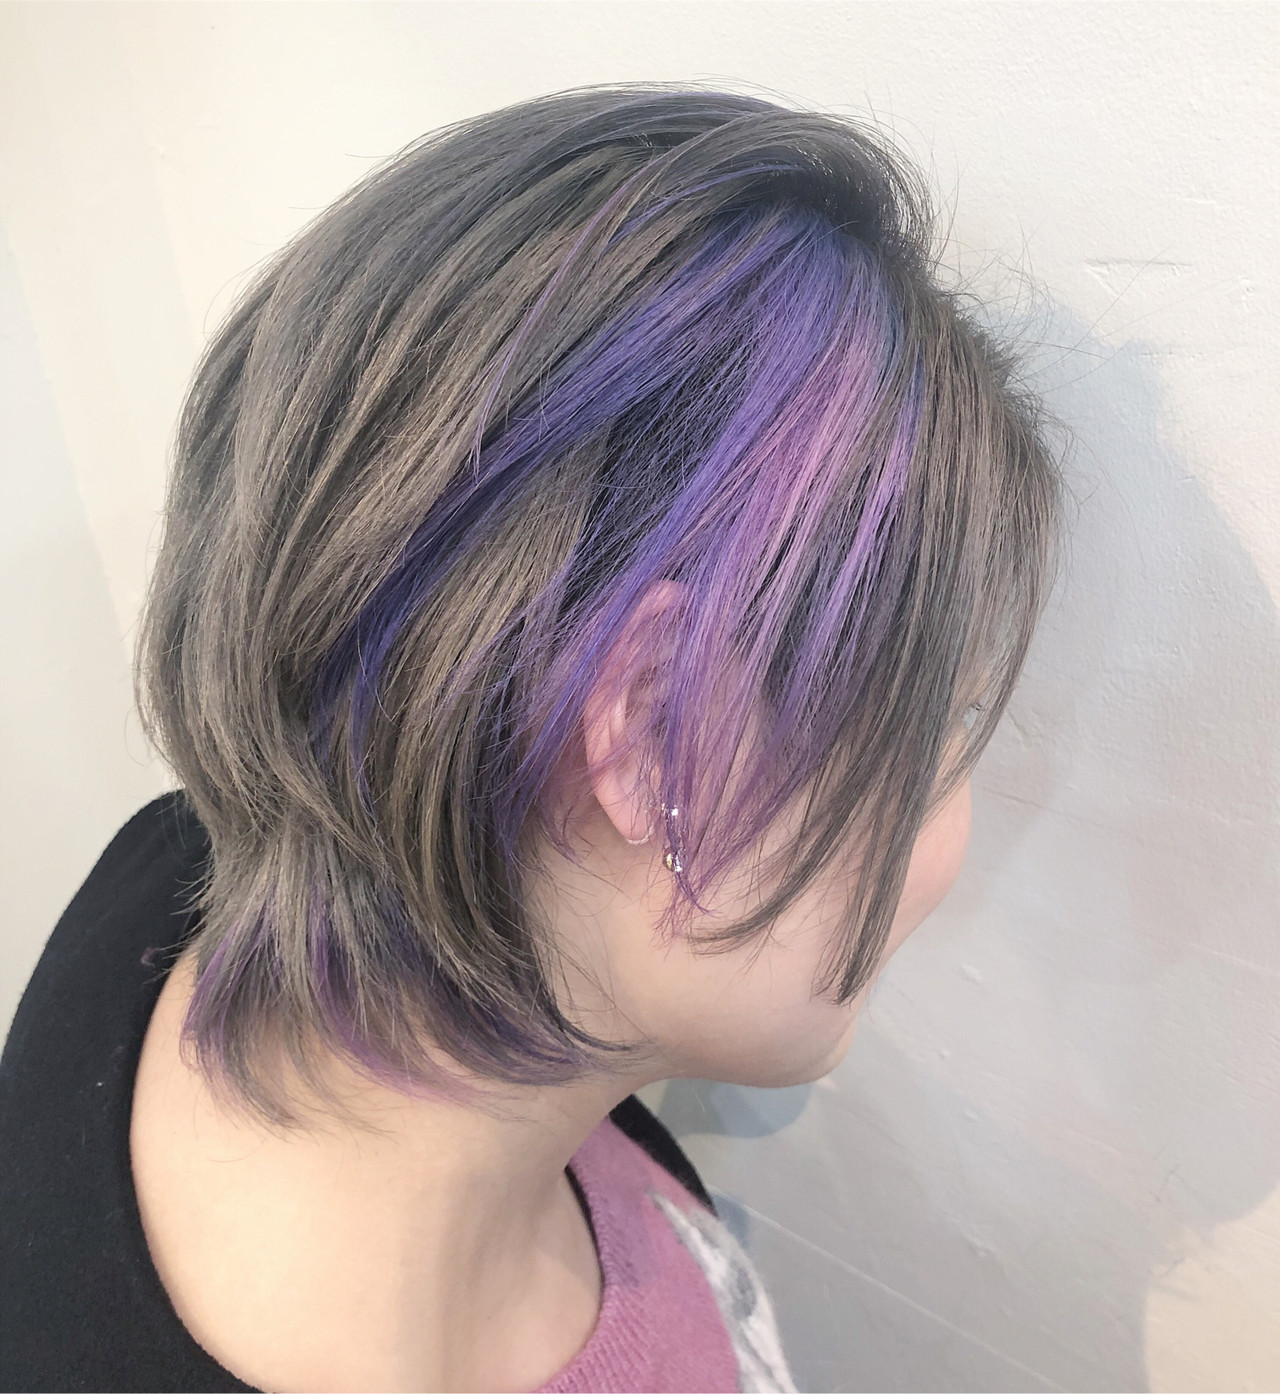 インナーカラー ユニコーンカラー ハイライト ストリート ヘアスタイルや髪型の写真・画像